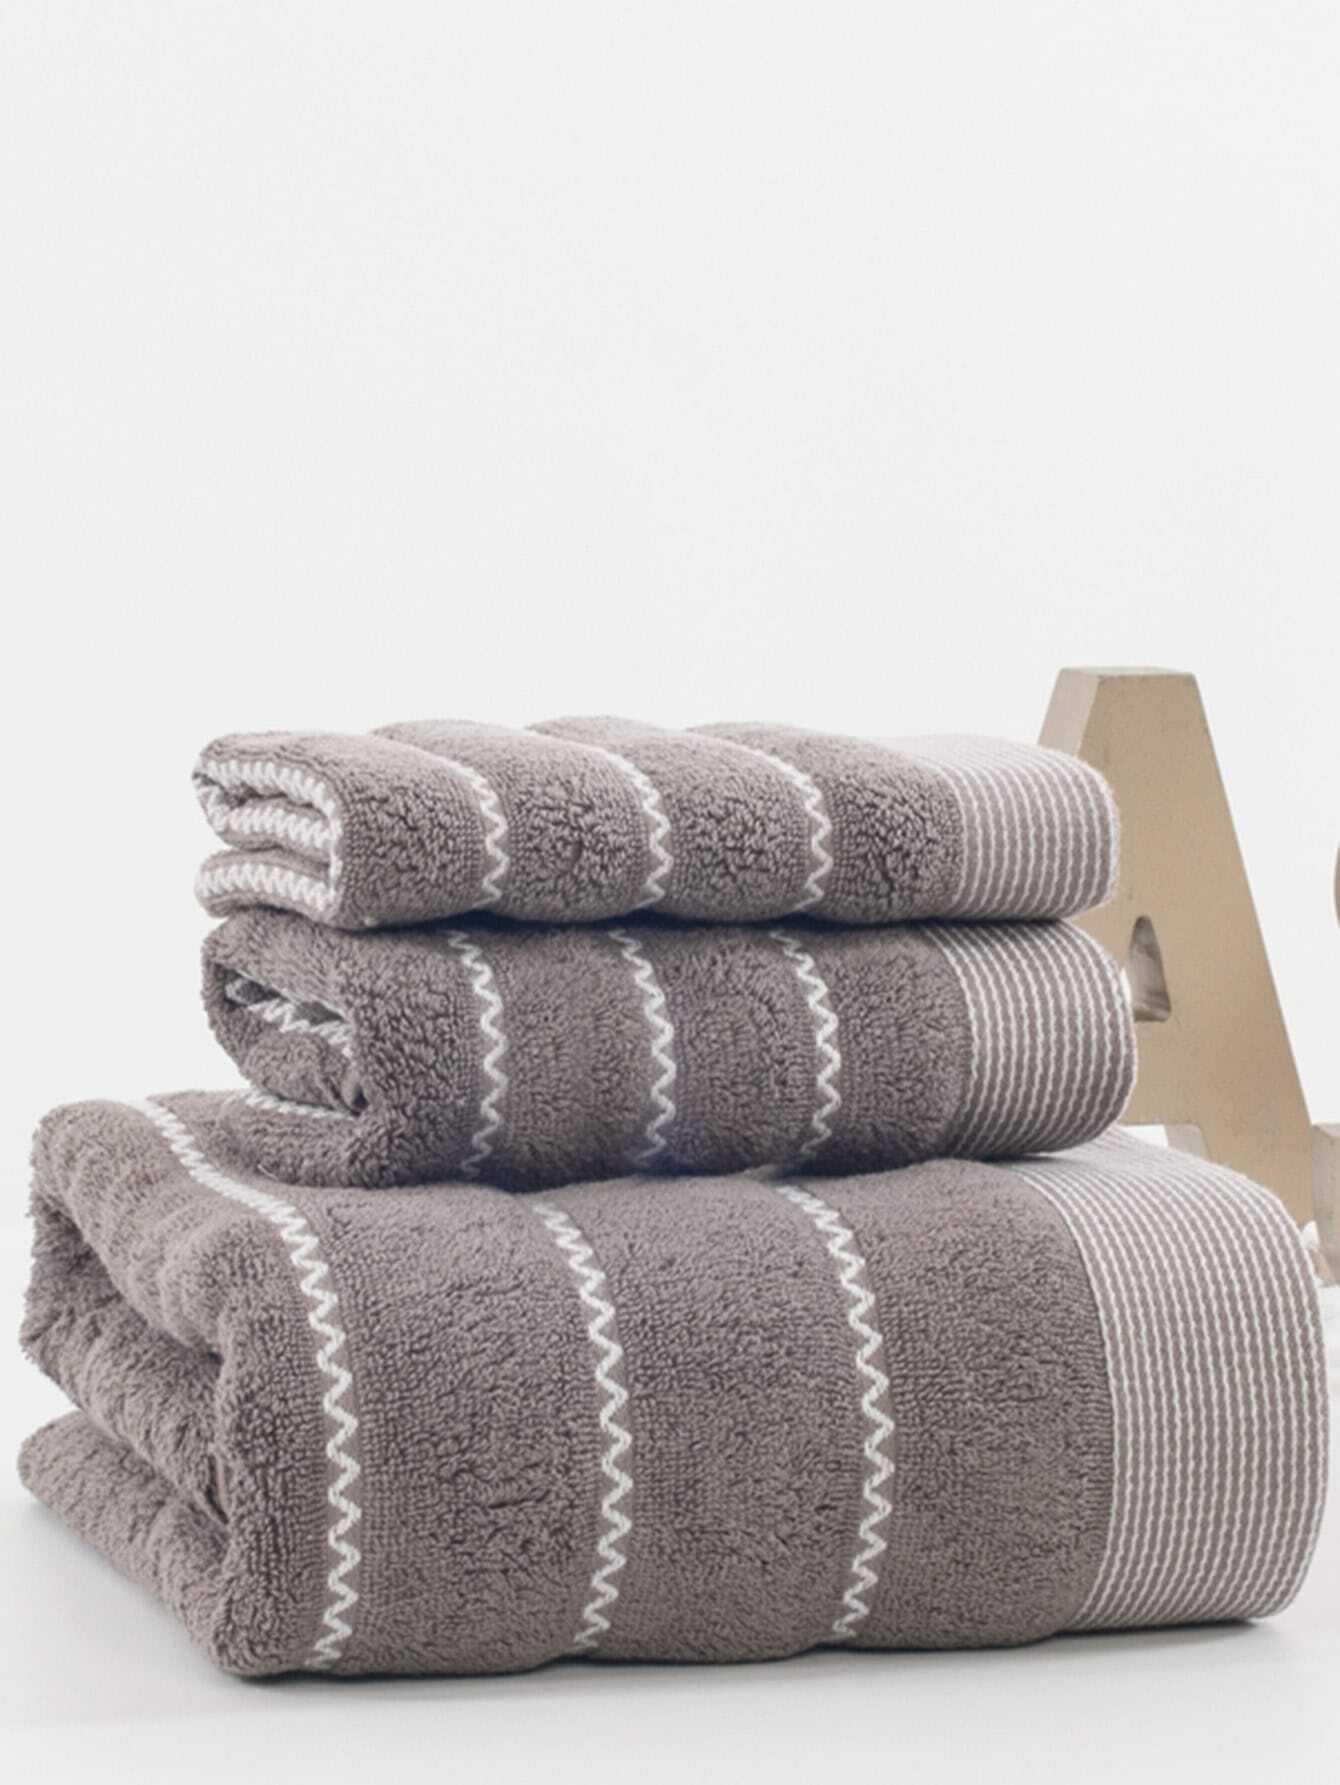 Zigzag Cotton Bath Towel Set 3pcs